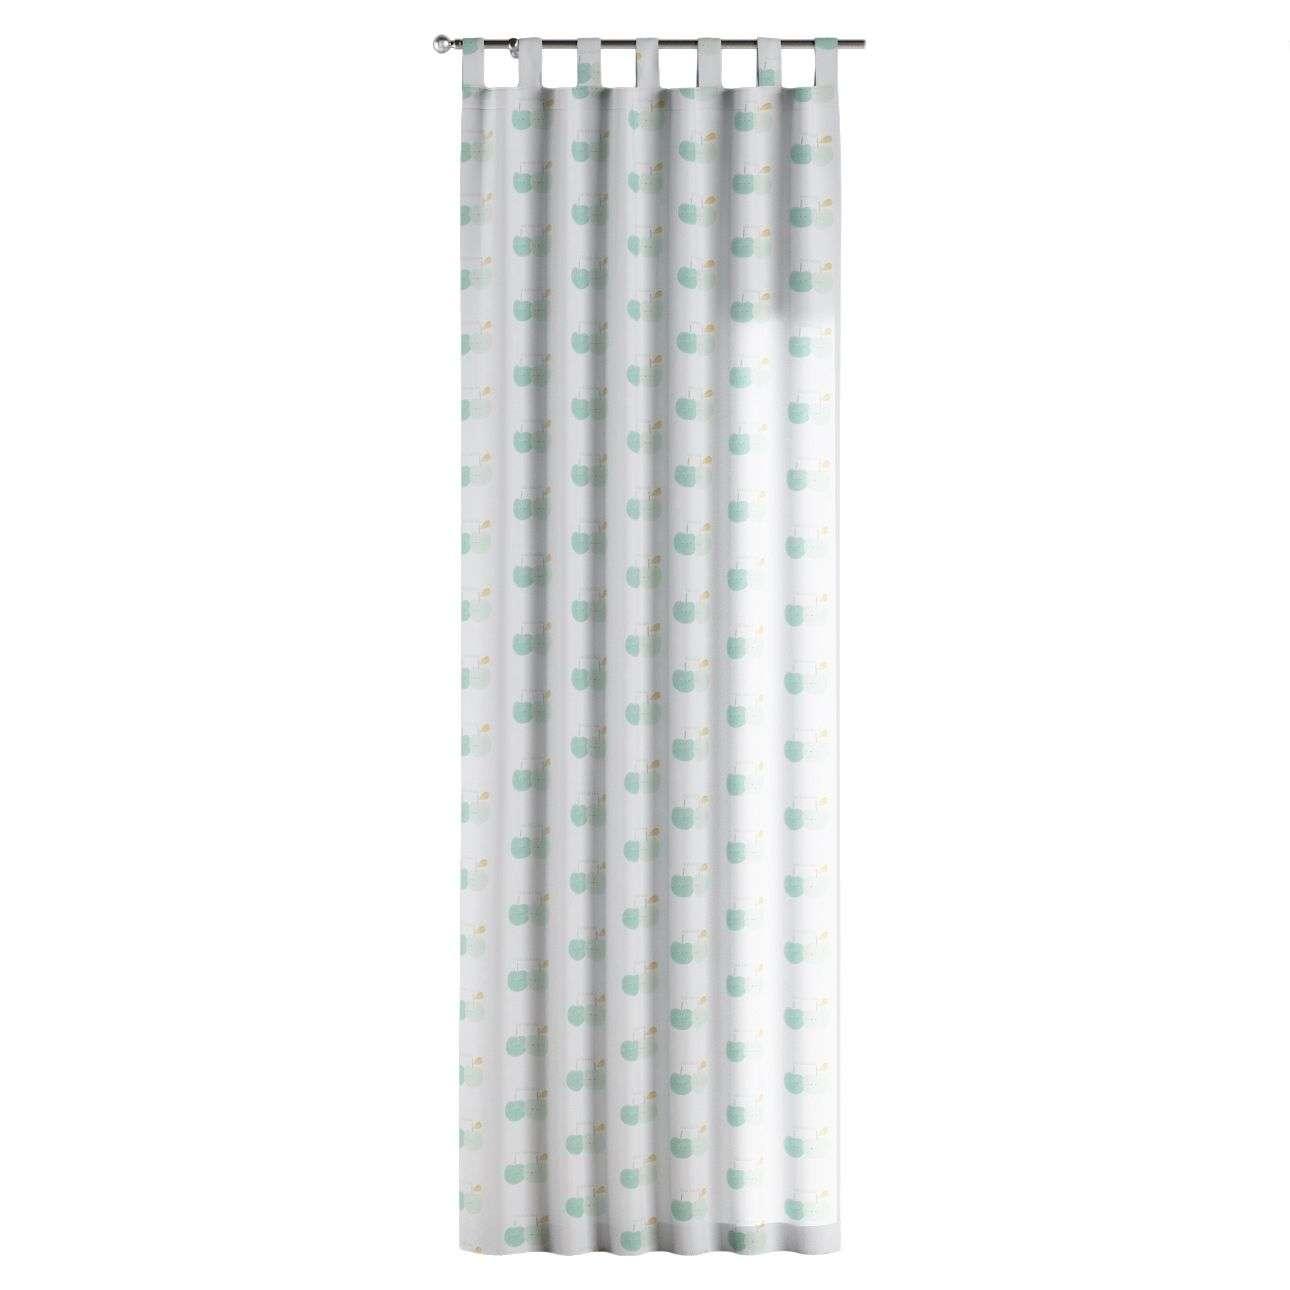 Zasłona na szelkach 1 szt. 1szt 130x260 cm w kolekcji Apanona, tkanina: 151-02